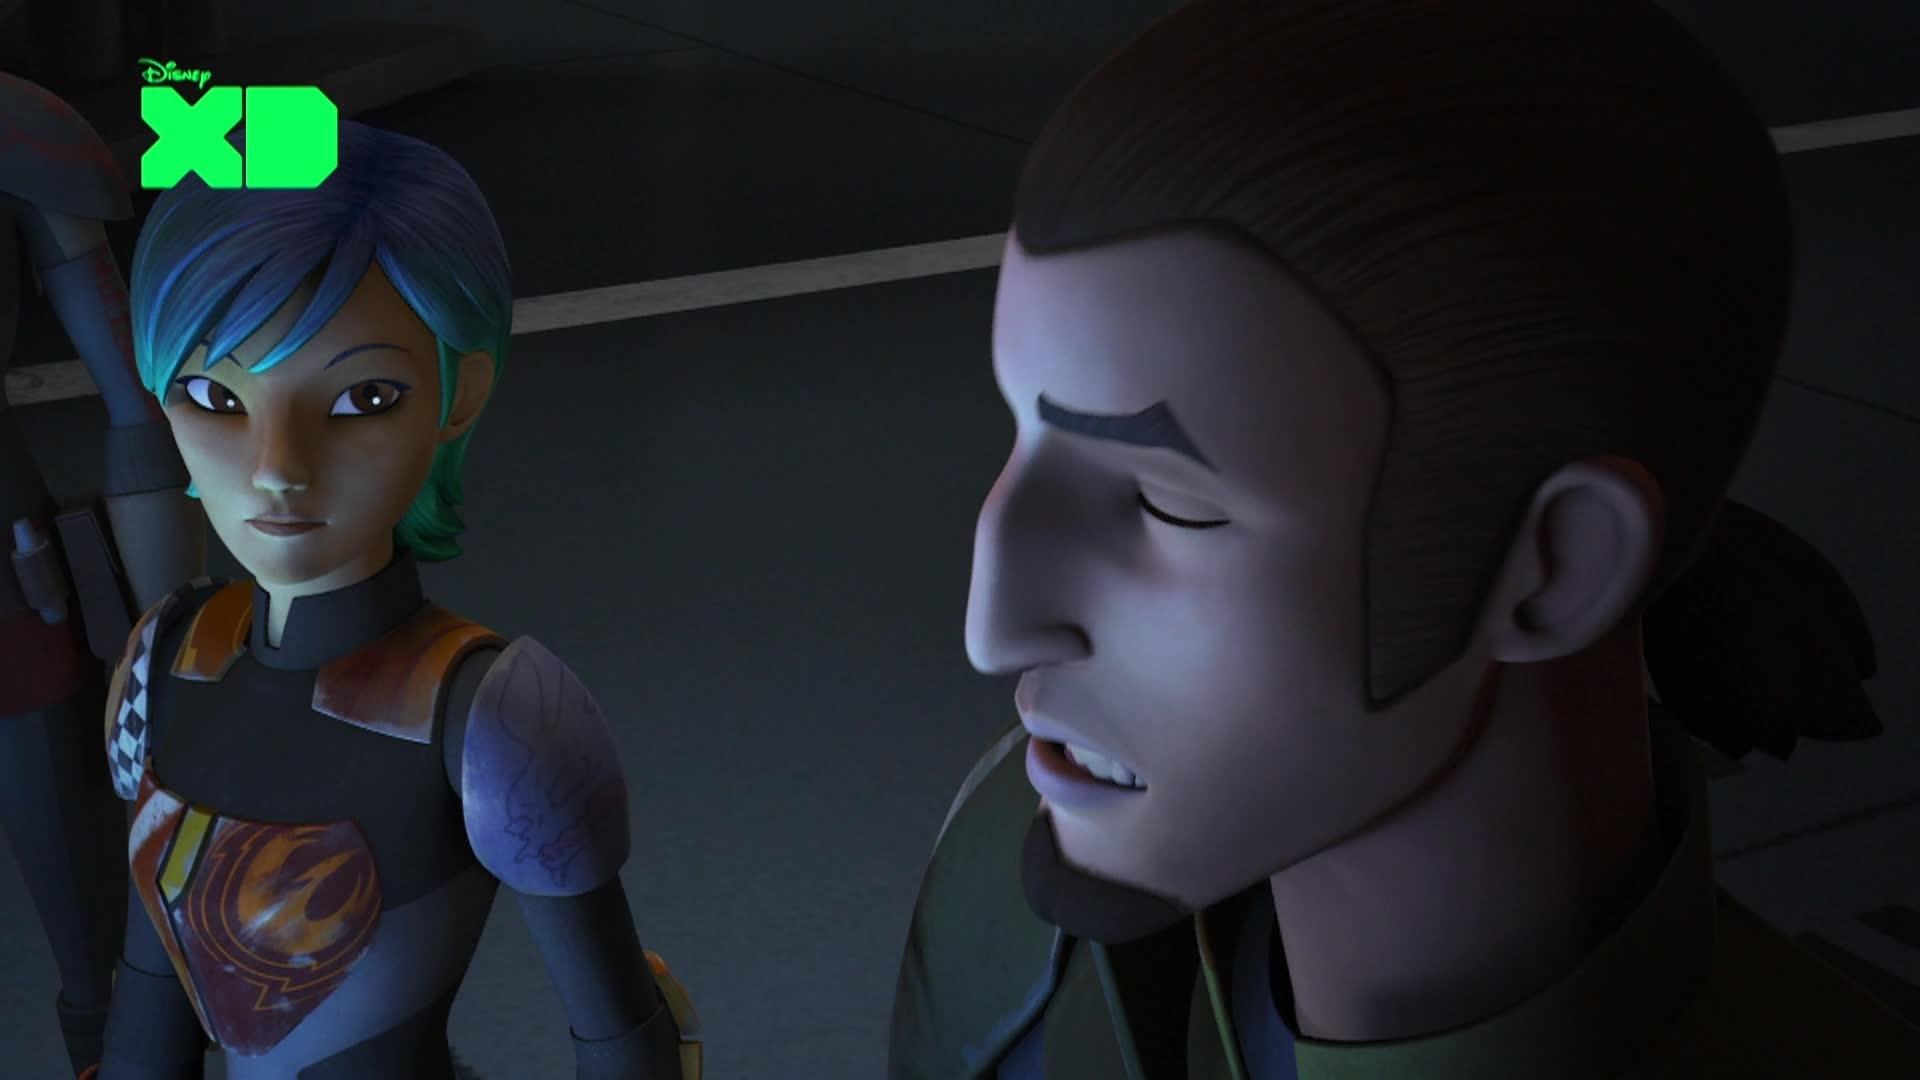 El droide olvidado